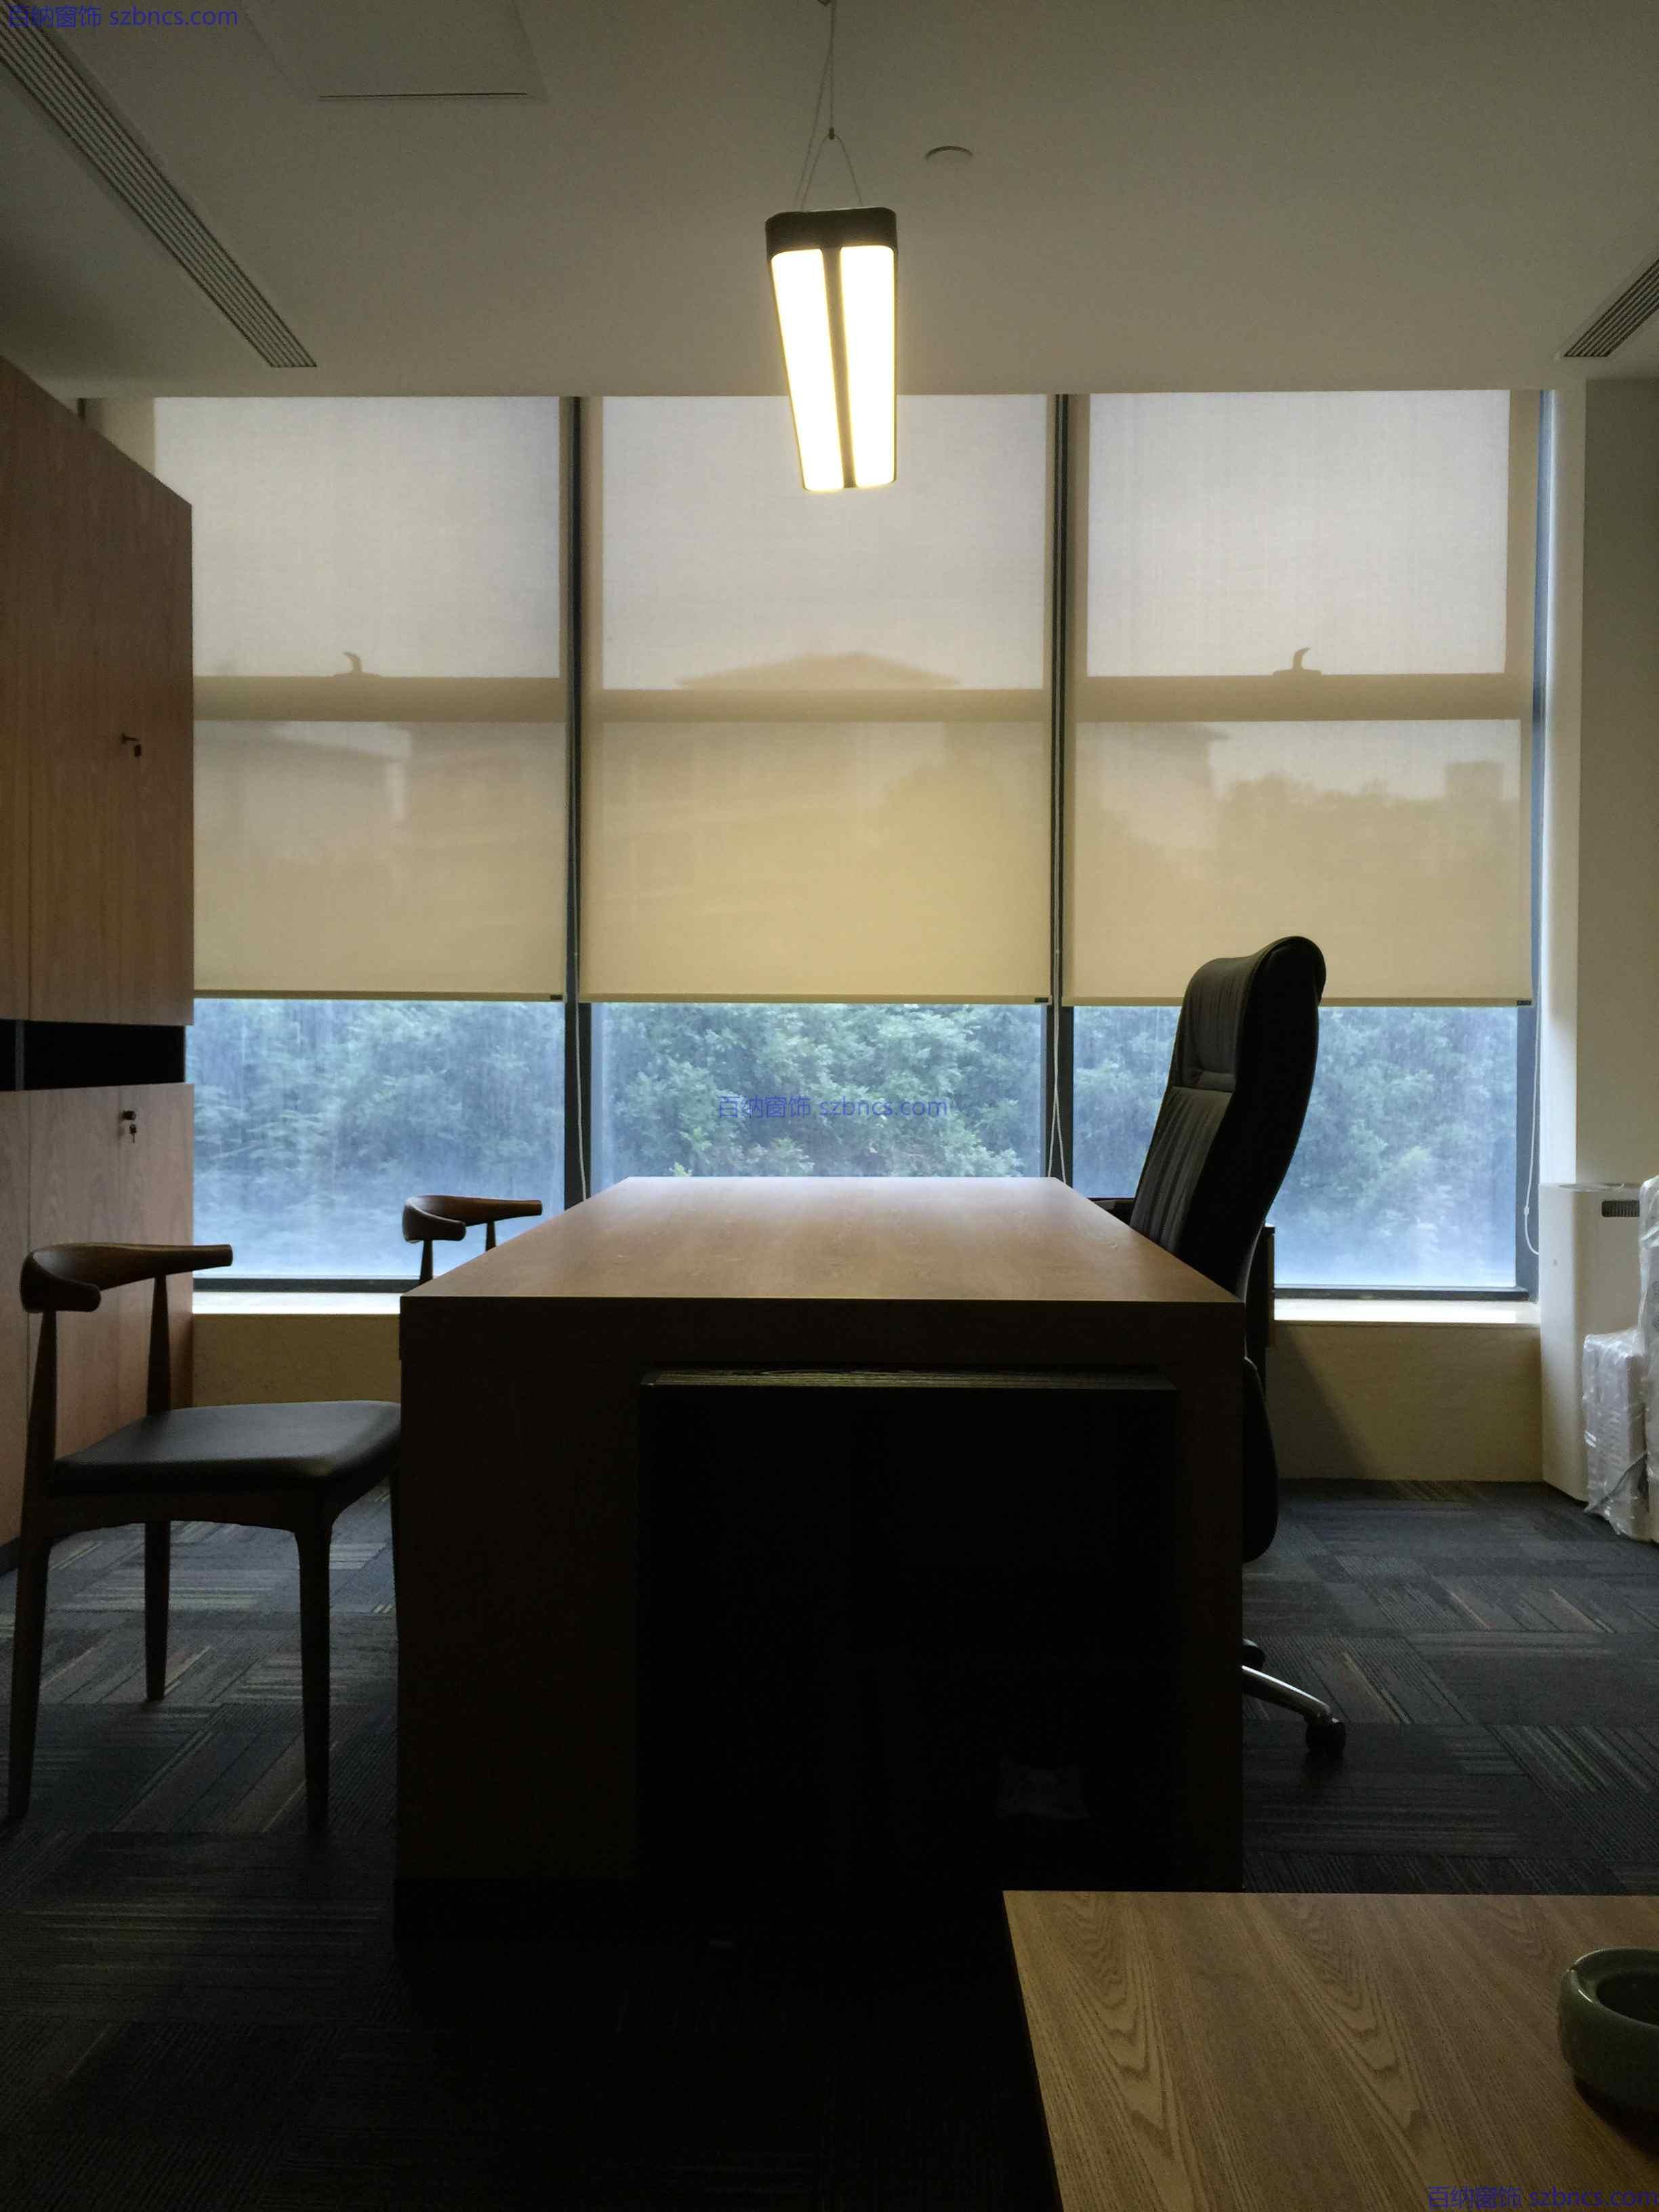 深圳百纳窗饰教您如何选择办公卷帘窗帘